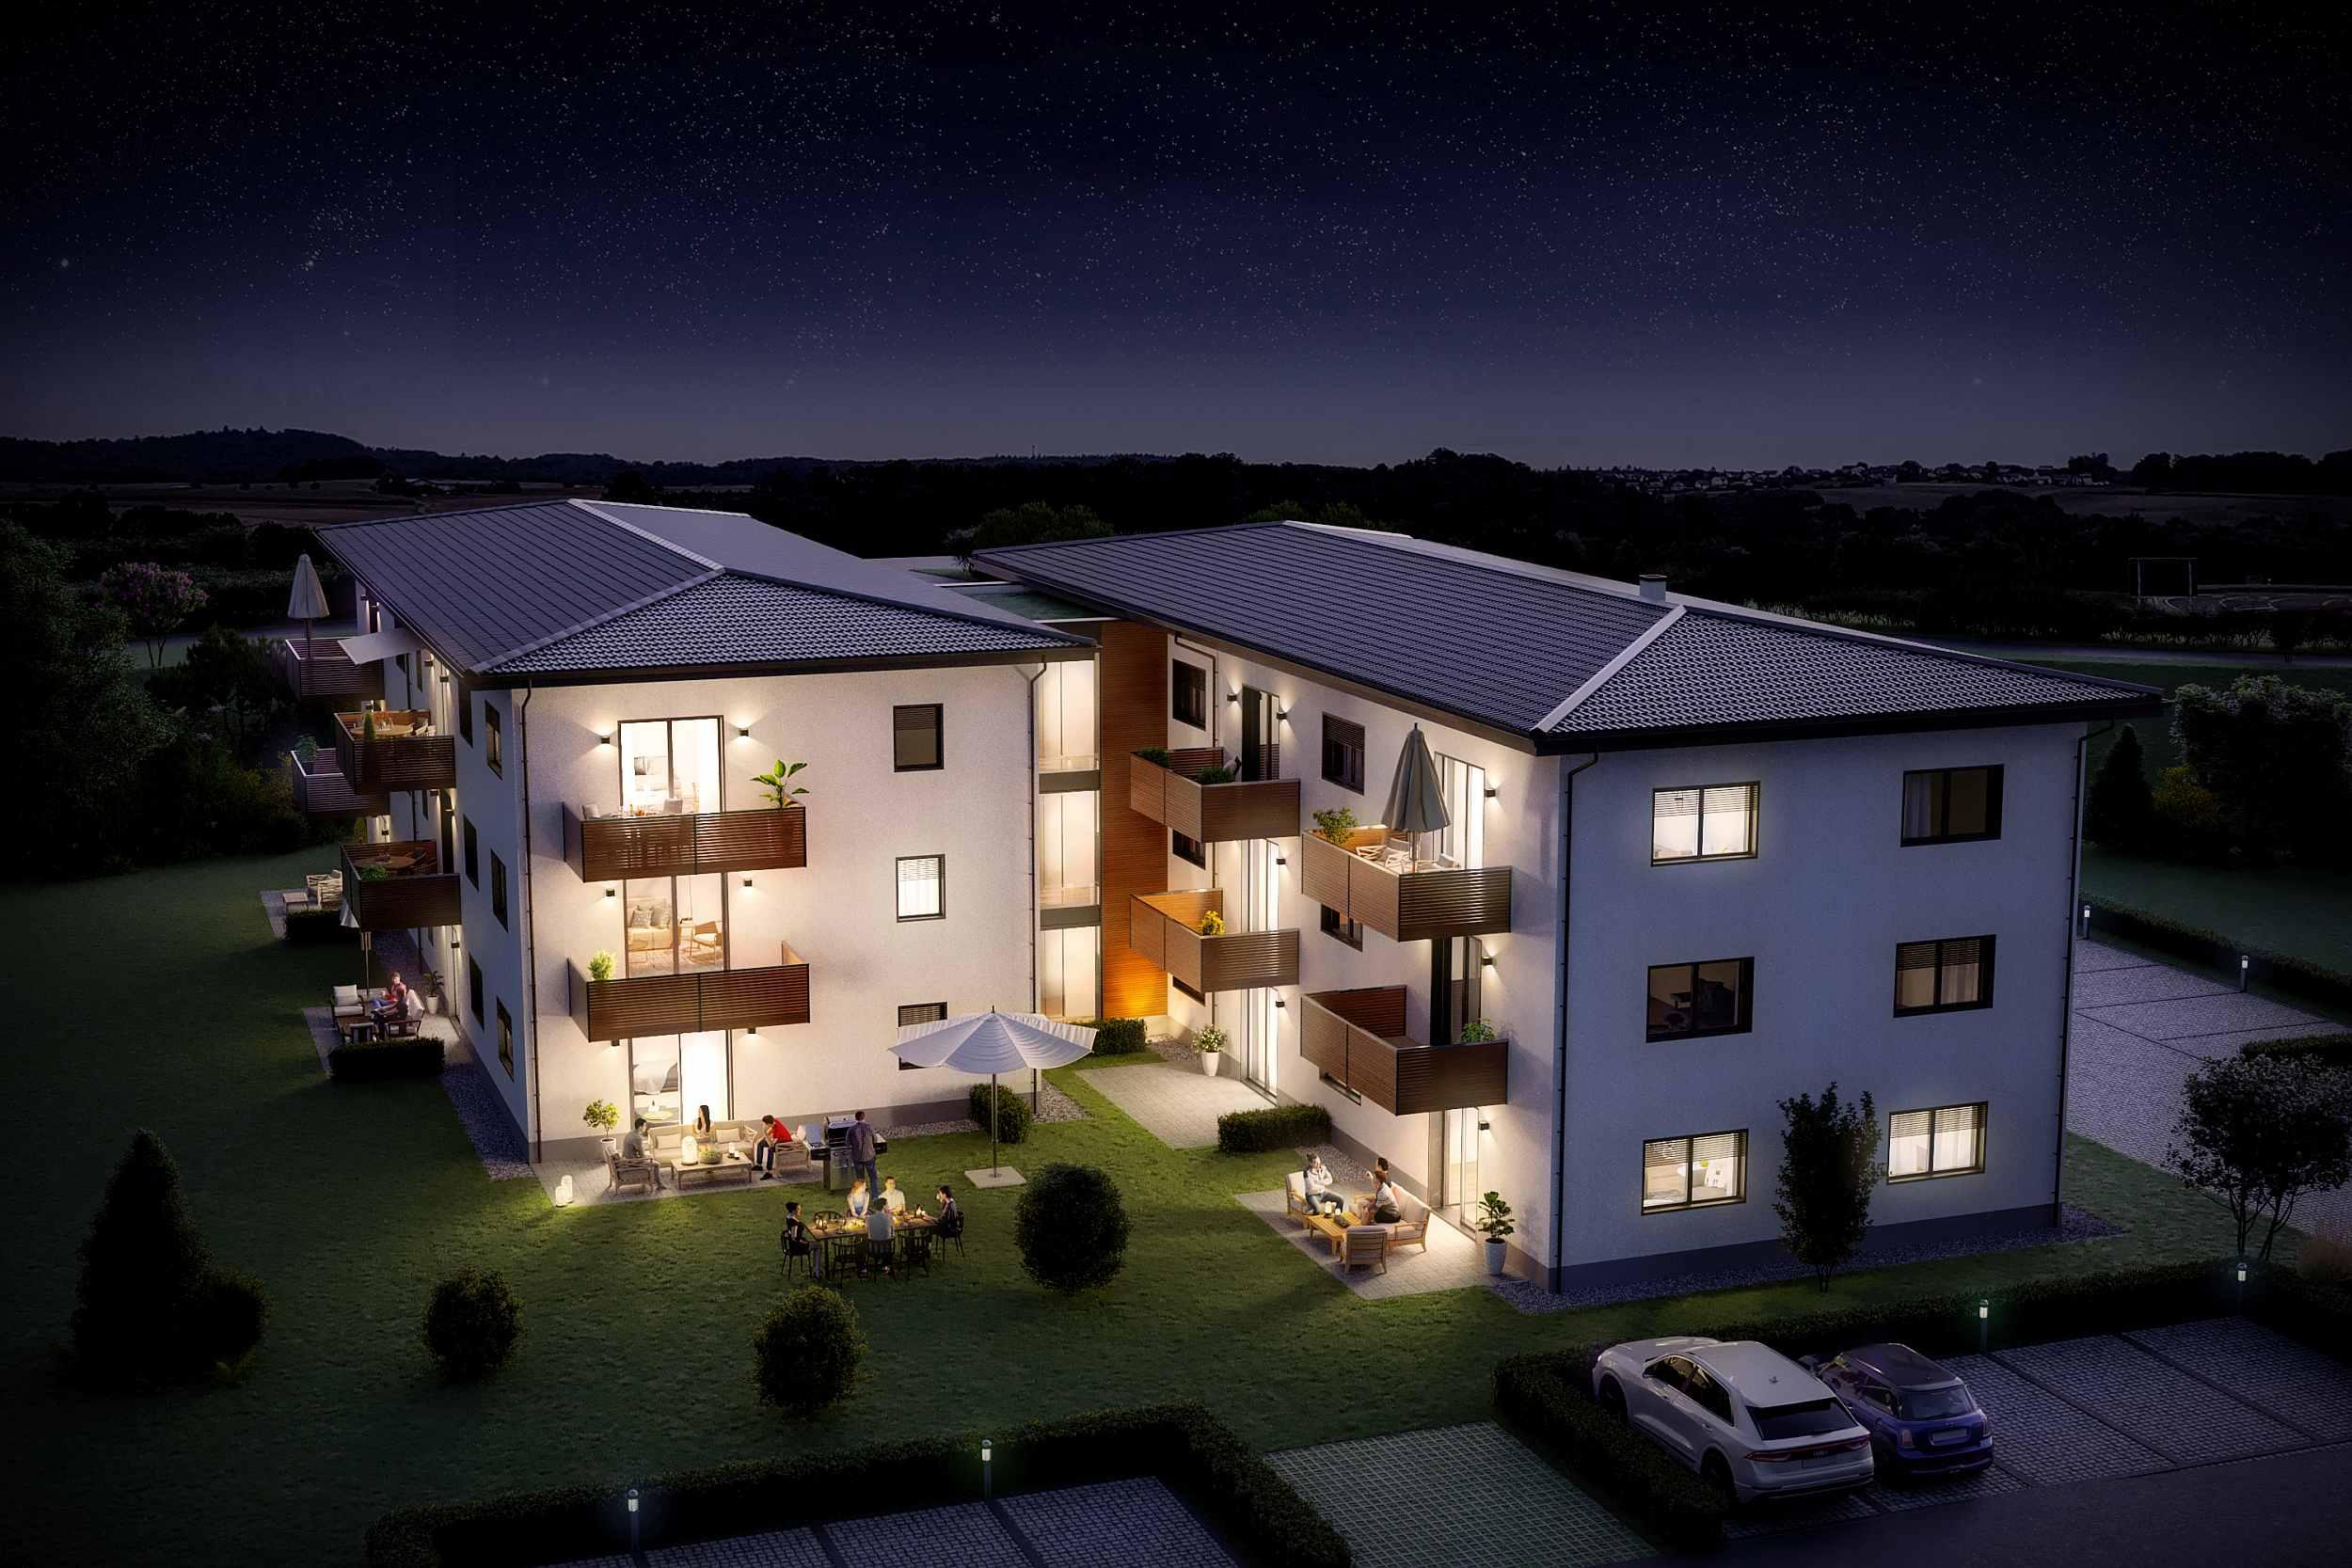 Gebäudevisualisierung als Nachtdarstellung: Als Highlight für den Immobilienverkauf empfehlen wir eine Blickrichtung als Nachdarstellung zu rendern.